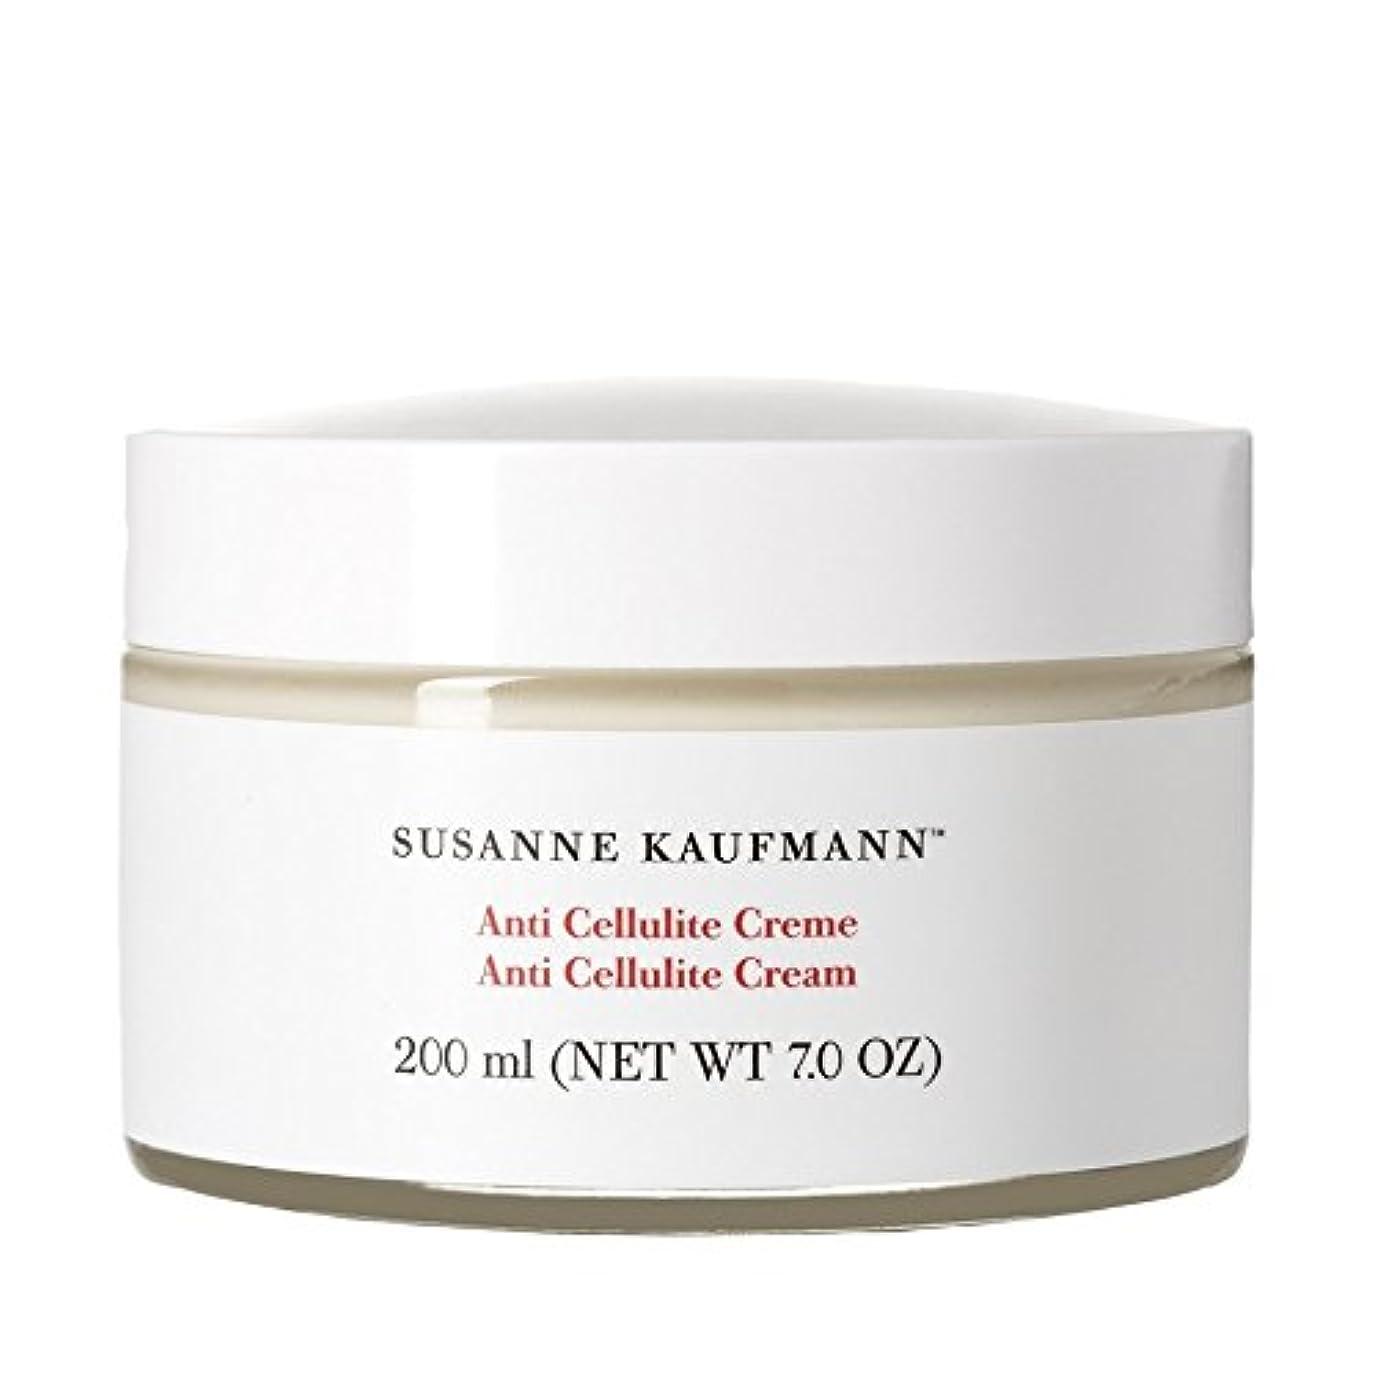 あからさま無条件チラチラするスザンヌカウフマン抗セルライトクリーム200ミリリットル x2 - Susanne Kaufmann Anti Cellulite Cream 200ml (Pack of 2) [並行輸入品]